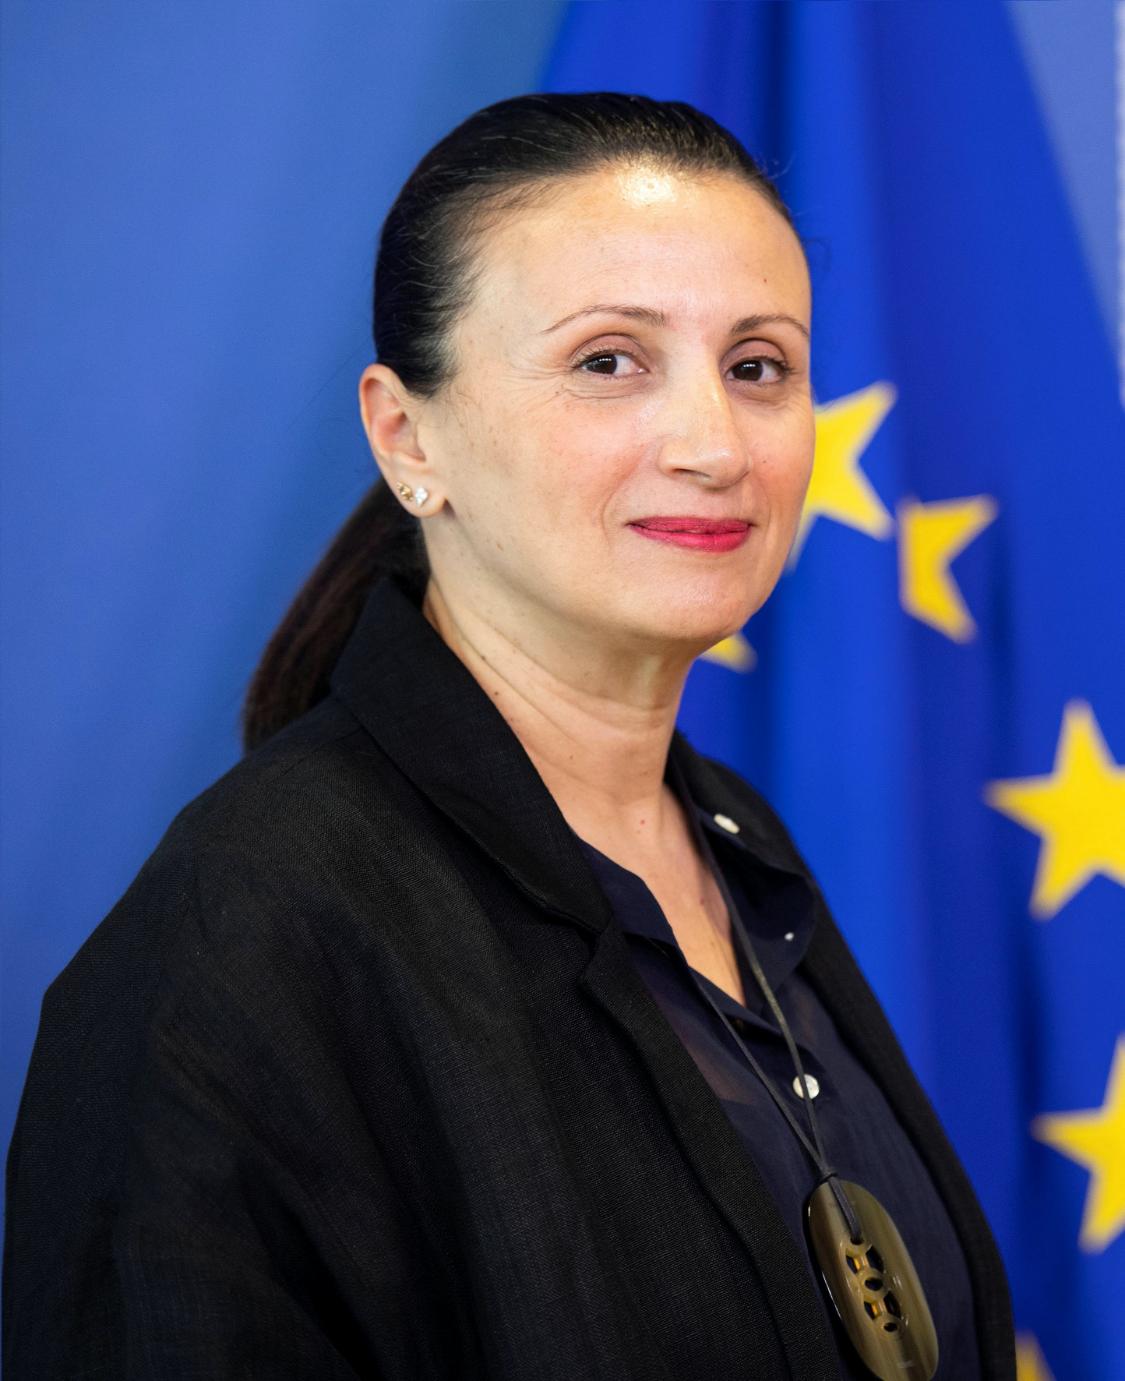 Liên minh châu Âu nghi vấn cam kết về nhân quyền của CSVN